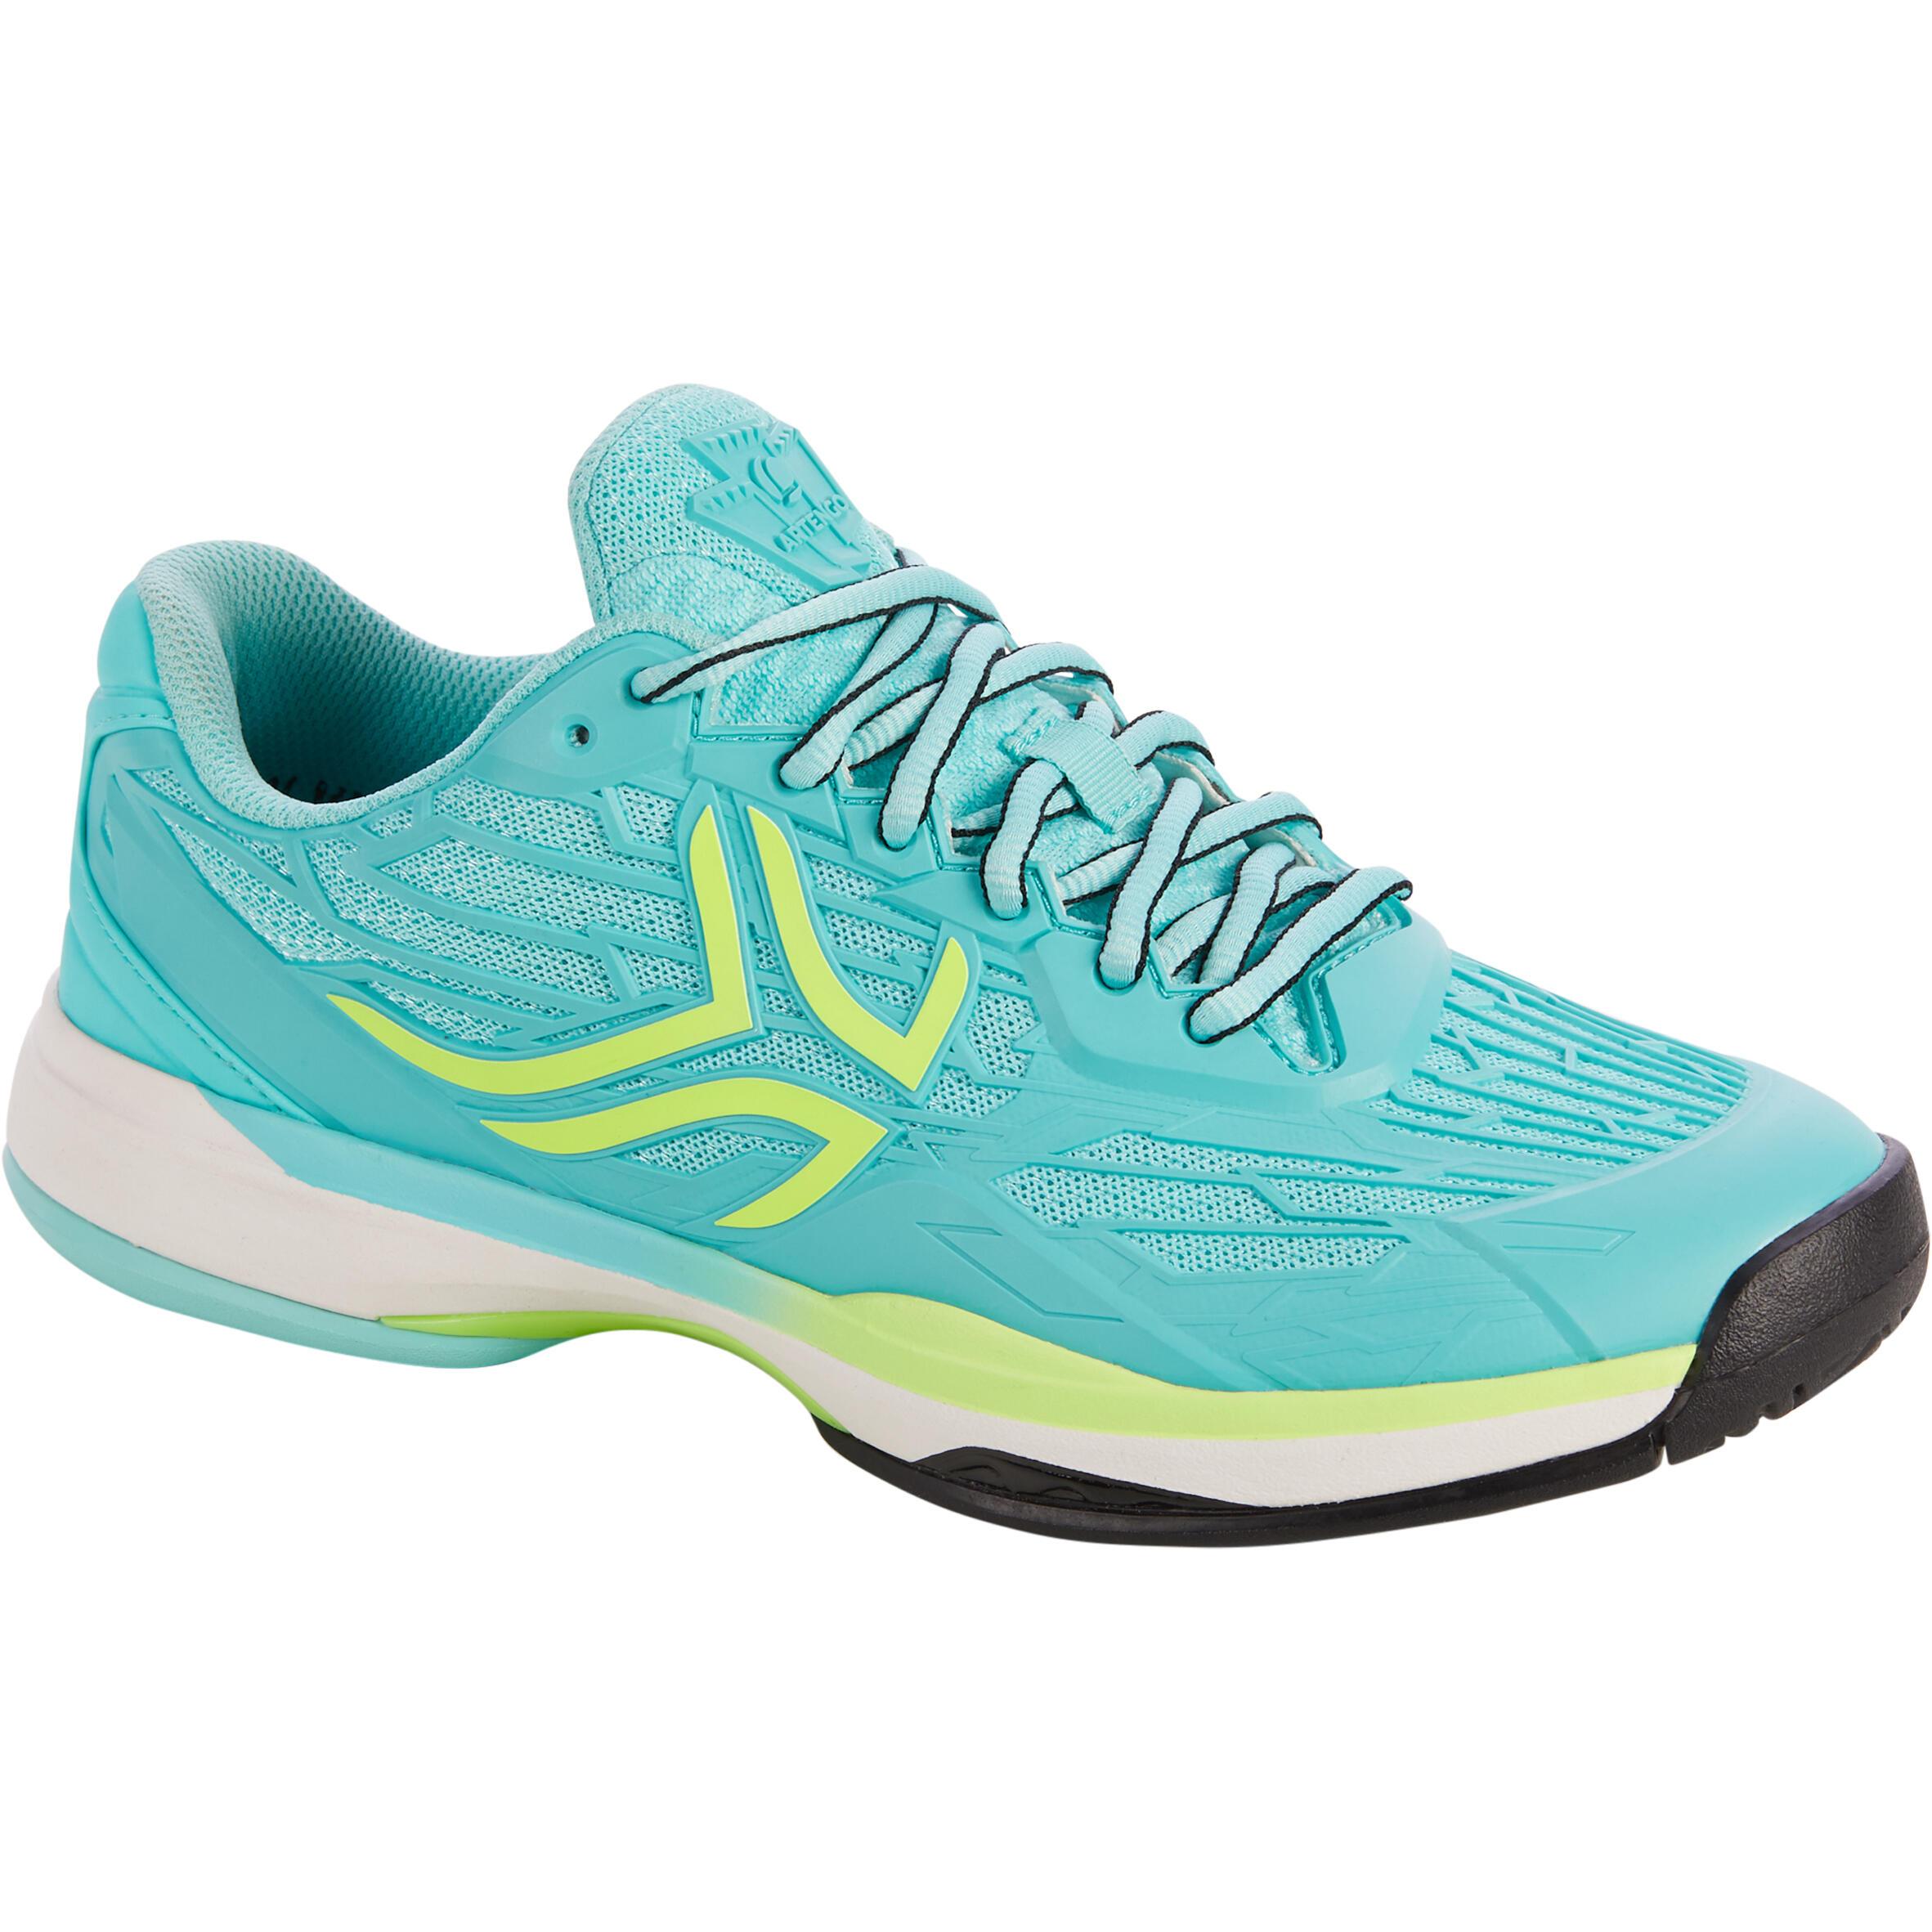 Artengo Tennisschoenen voor dames TS900 turquoise